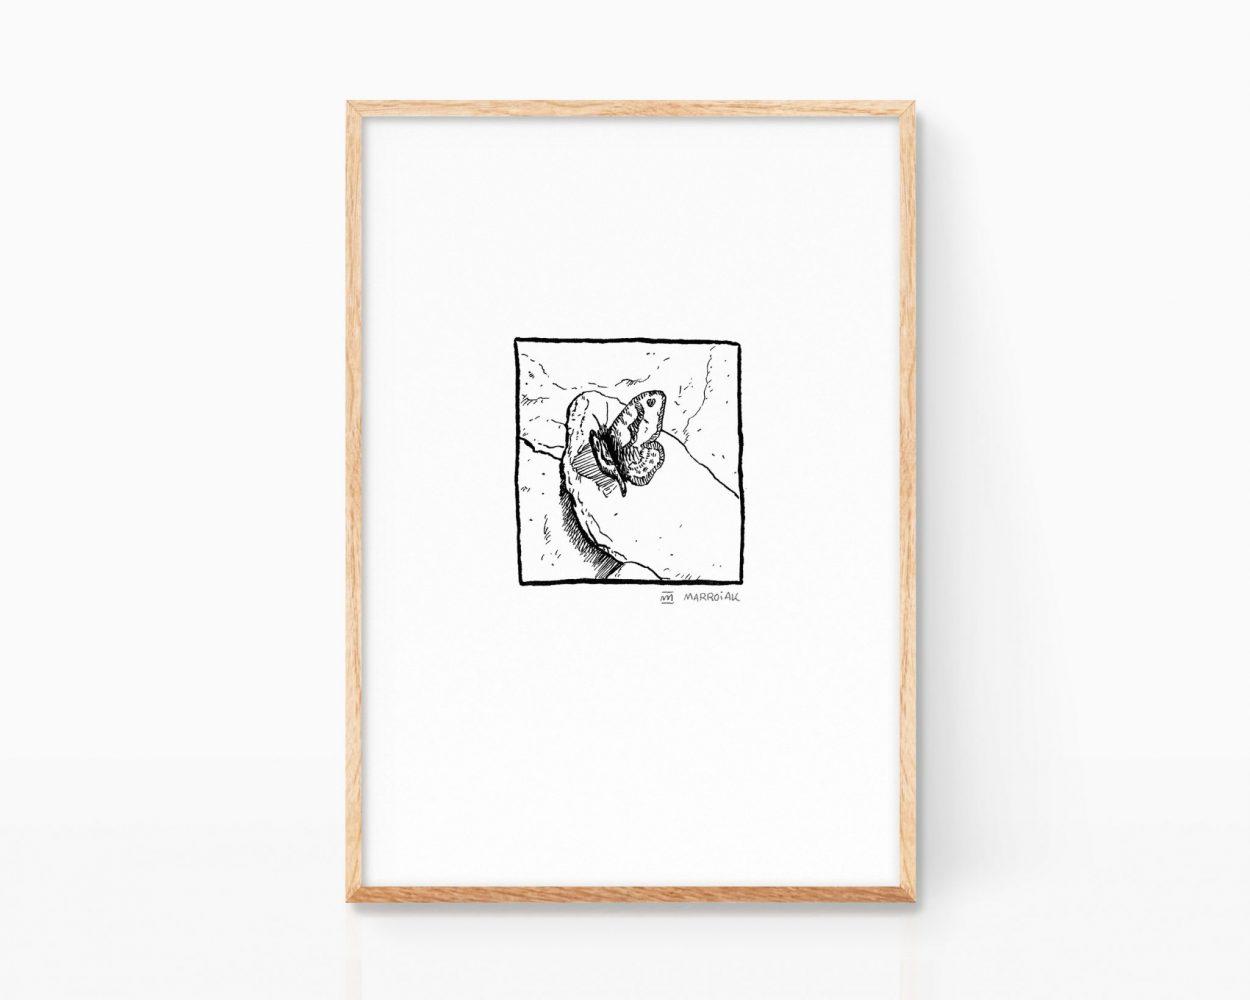 Lámina decorativa para enmarcar con una ilustración de una mariposa posada sobre una piedra. Cuadro zen para casas permaculturales. Naturaleza tranquila.